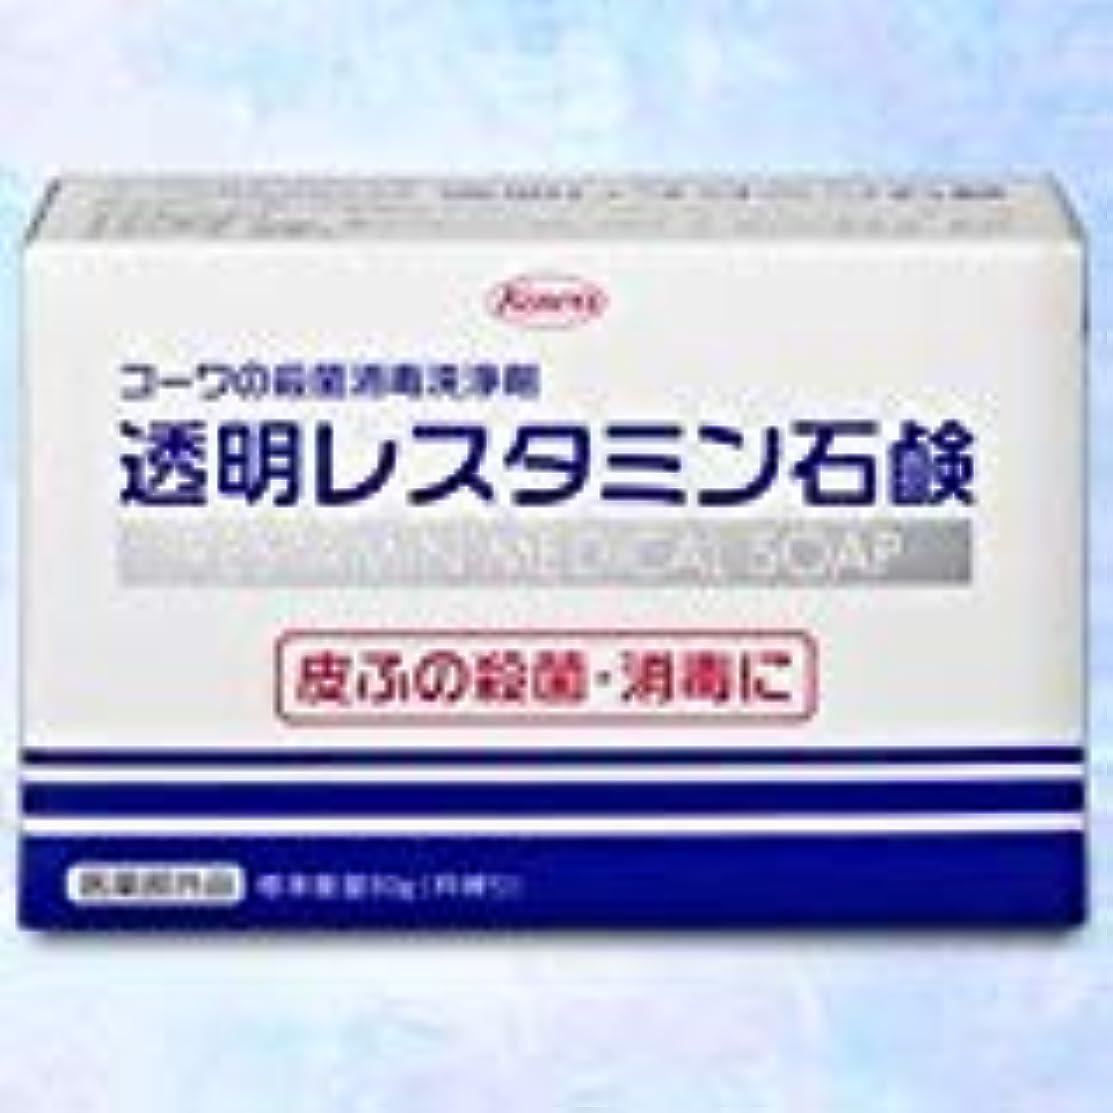 社会科嬉しいです作家【興和】コーワの殺菌消毒洗浄剤「透明レスタミン石鹸」80g(医薬部外品) ×3個セット